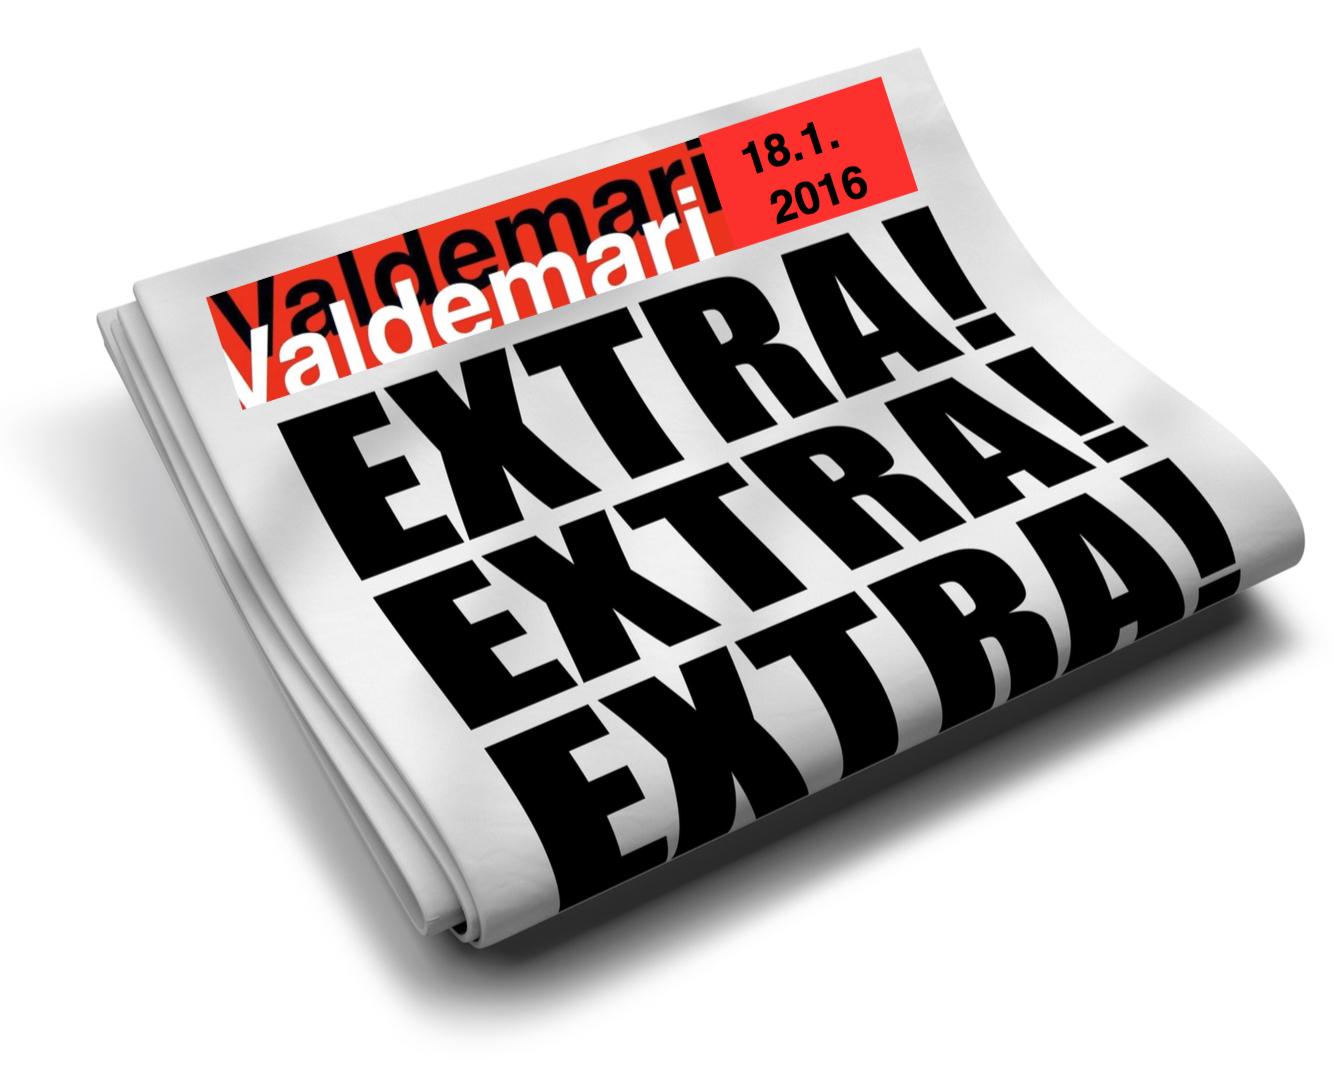 Tuoreita Valdemarin uutisia